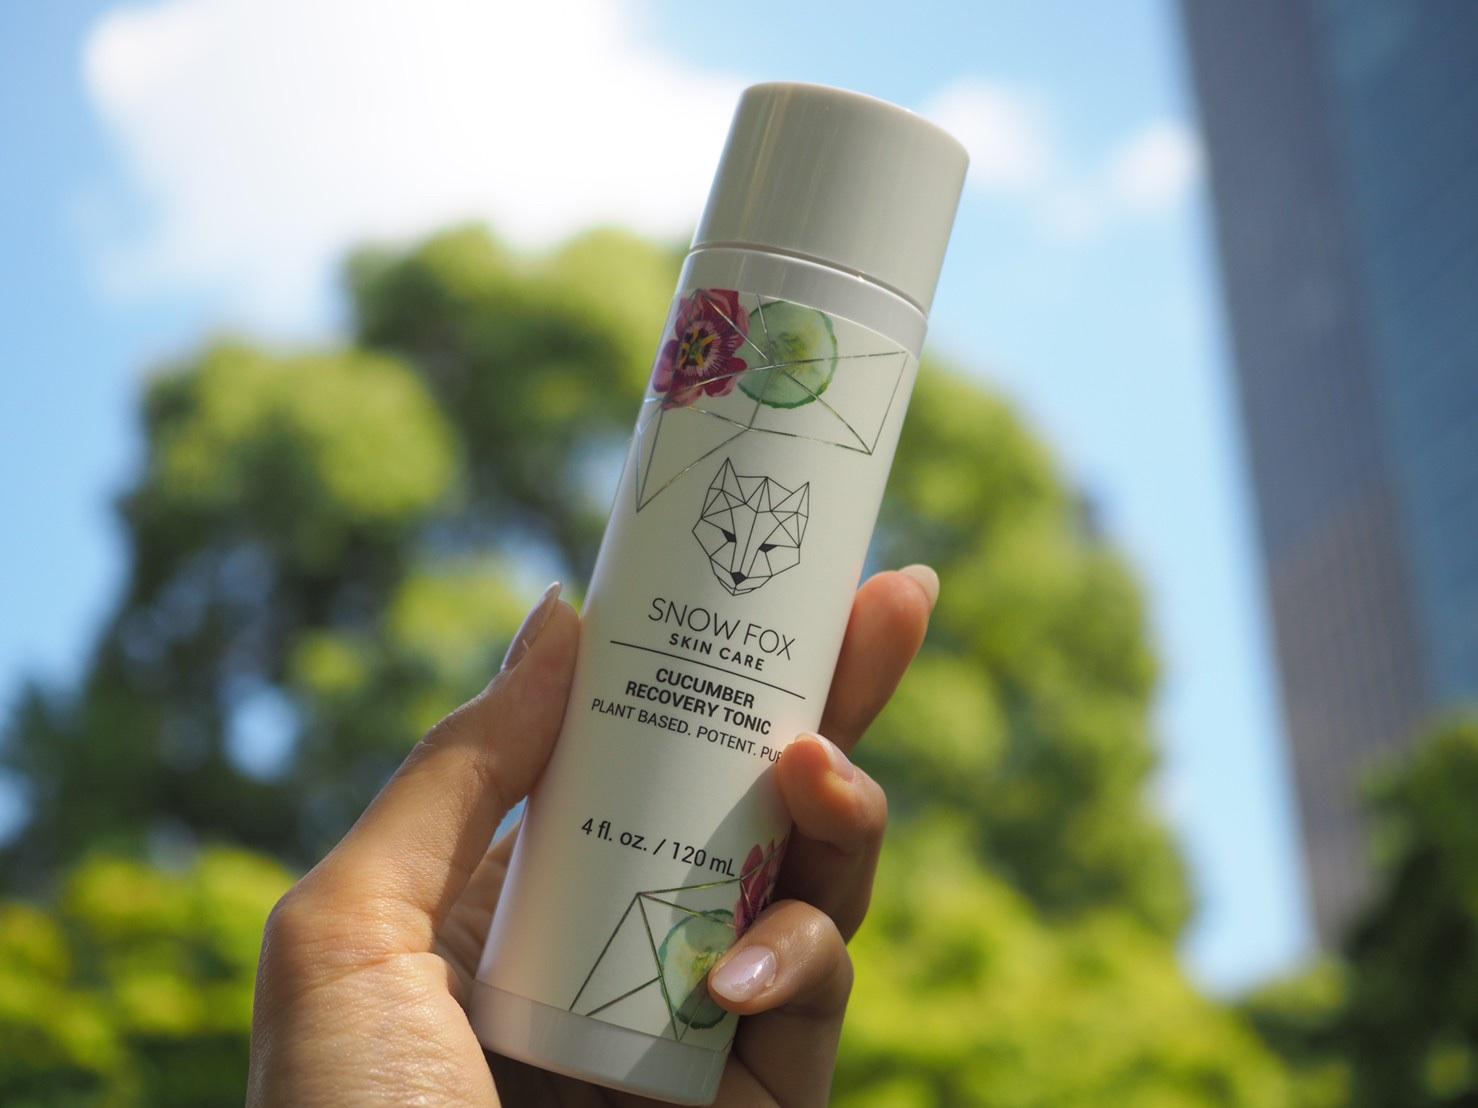 Snowfox skincare 化粧水 スキンケア ヴィーガン 植物由来 スノーフォックススキンケア